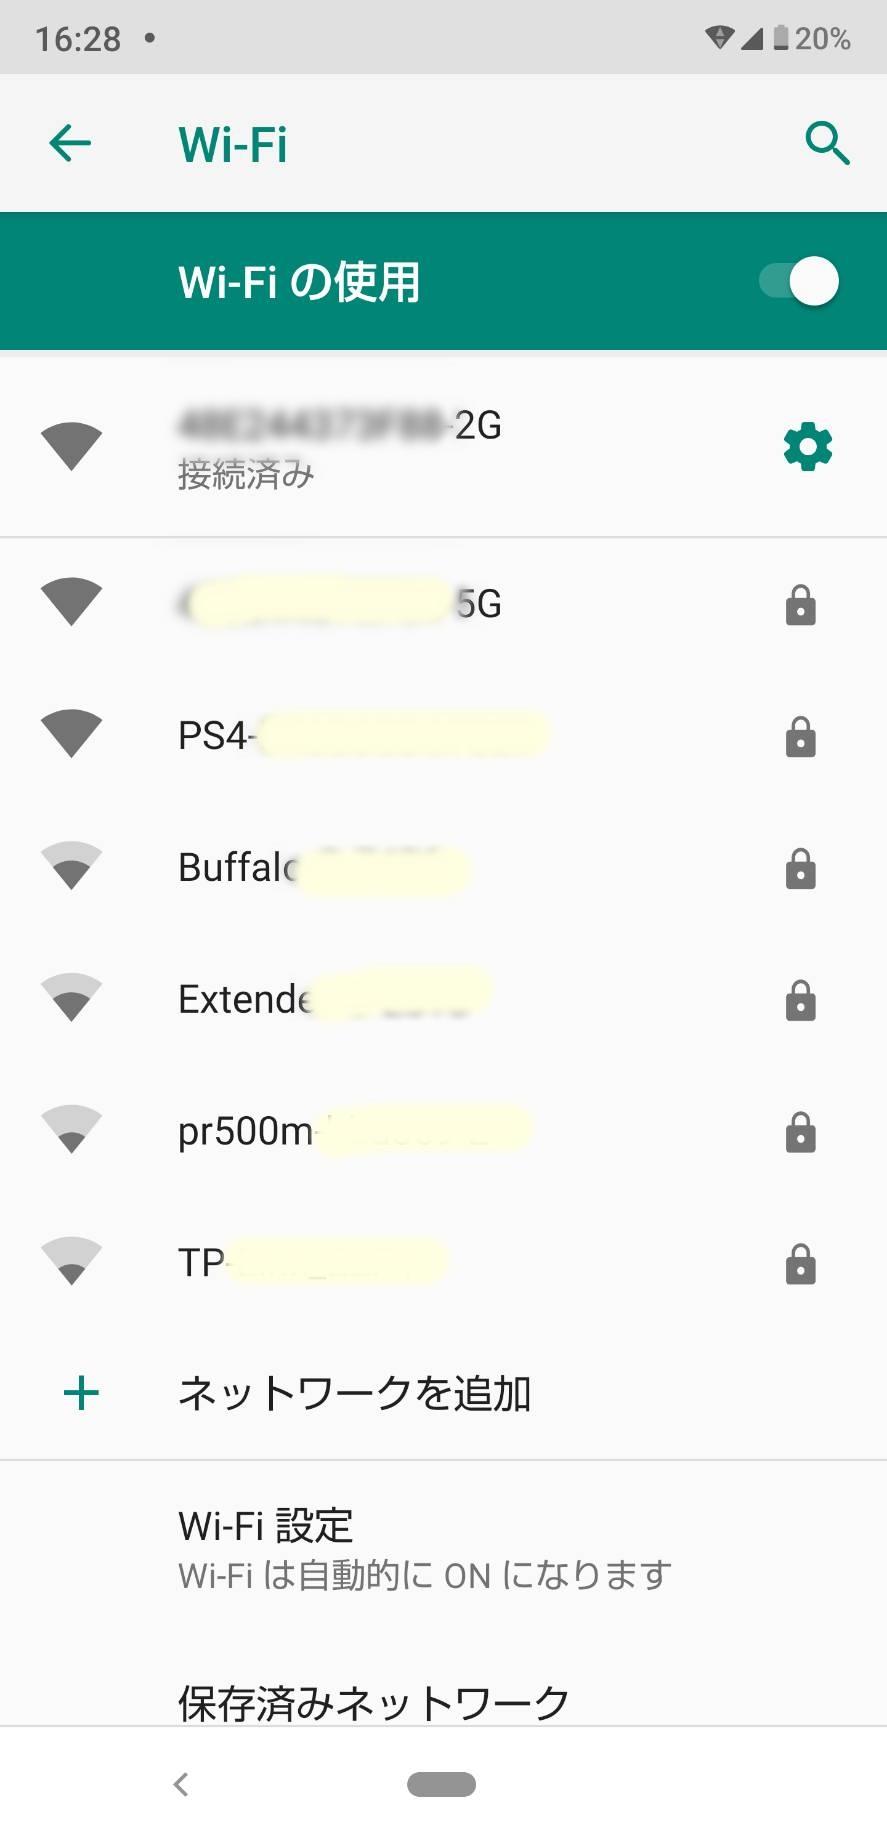 済み なし 接続 インターネット 接続